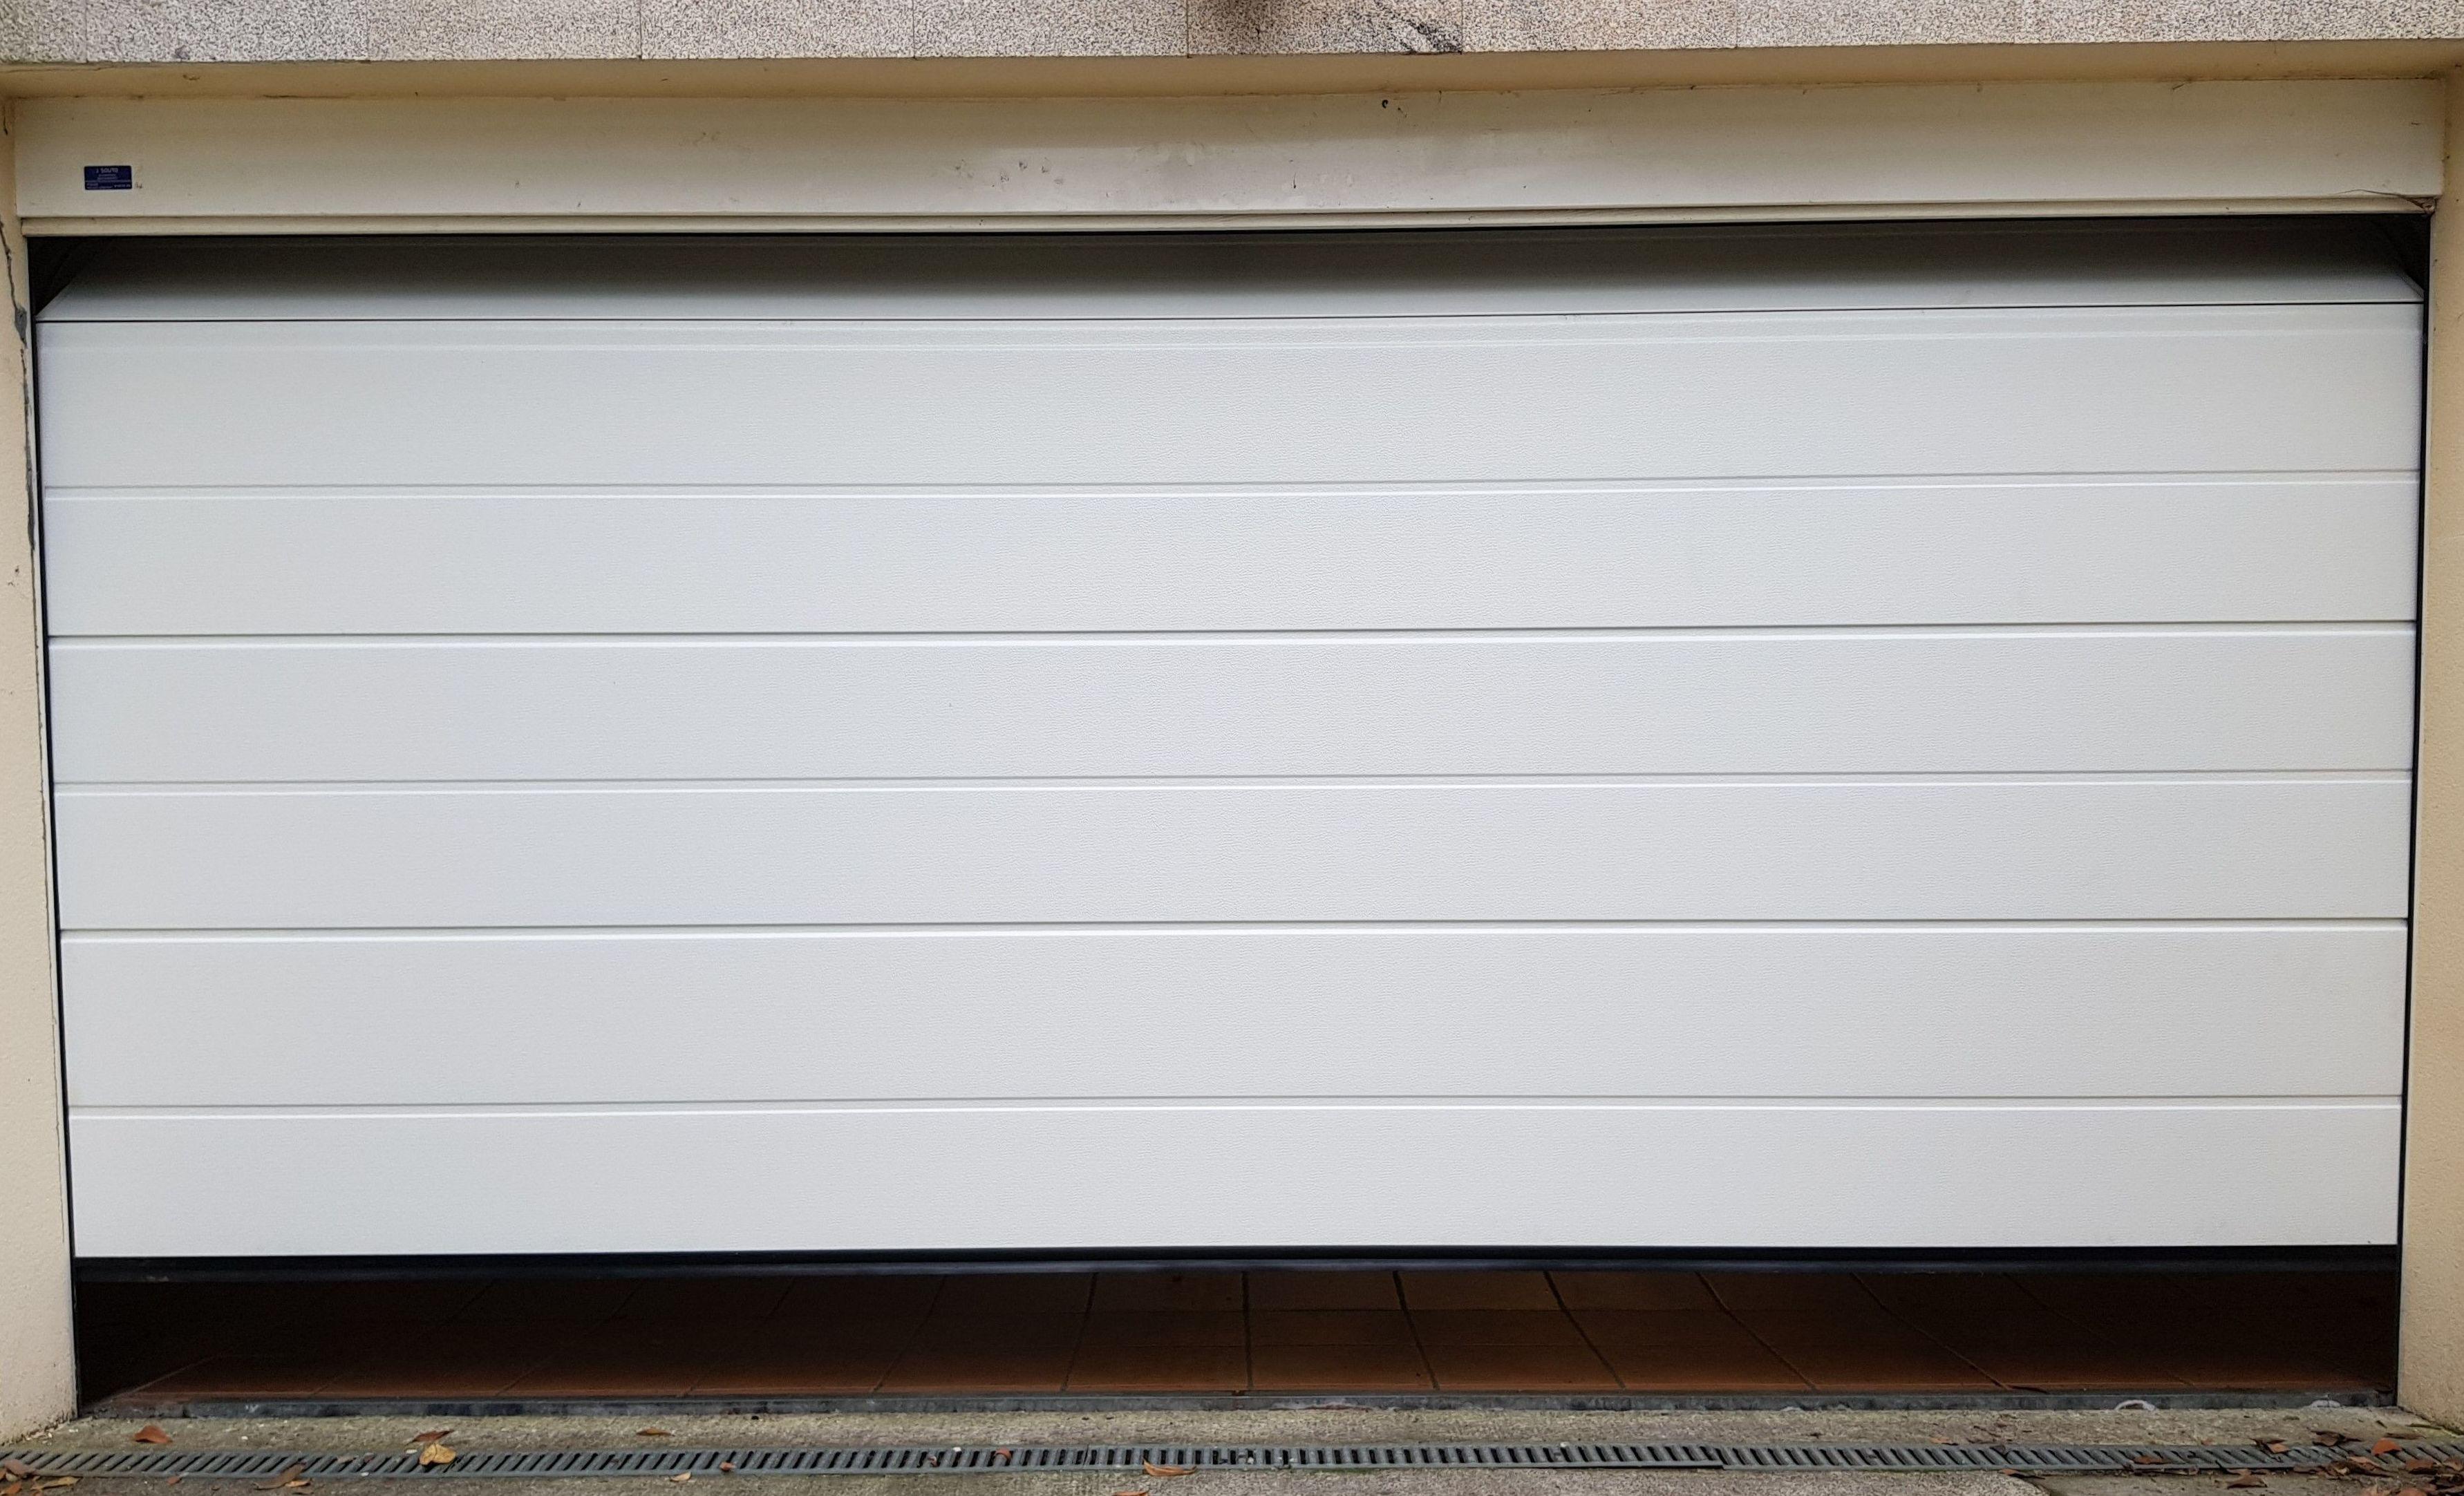 Puerta seccional residencial tableada gofrado estuco unicanal 9016.